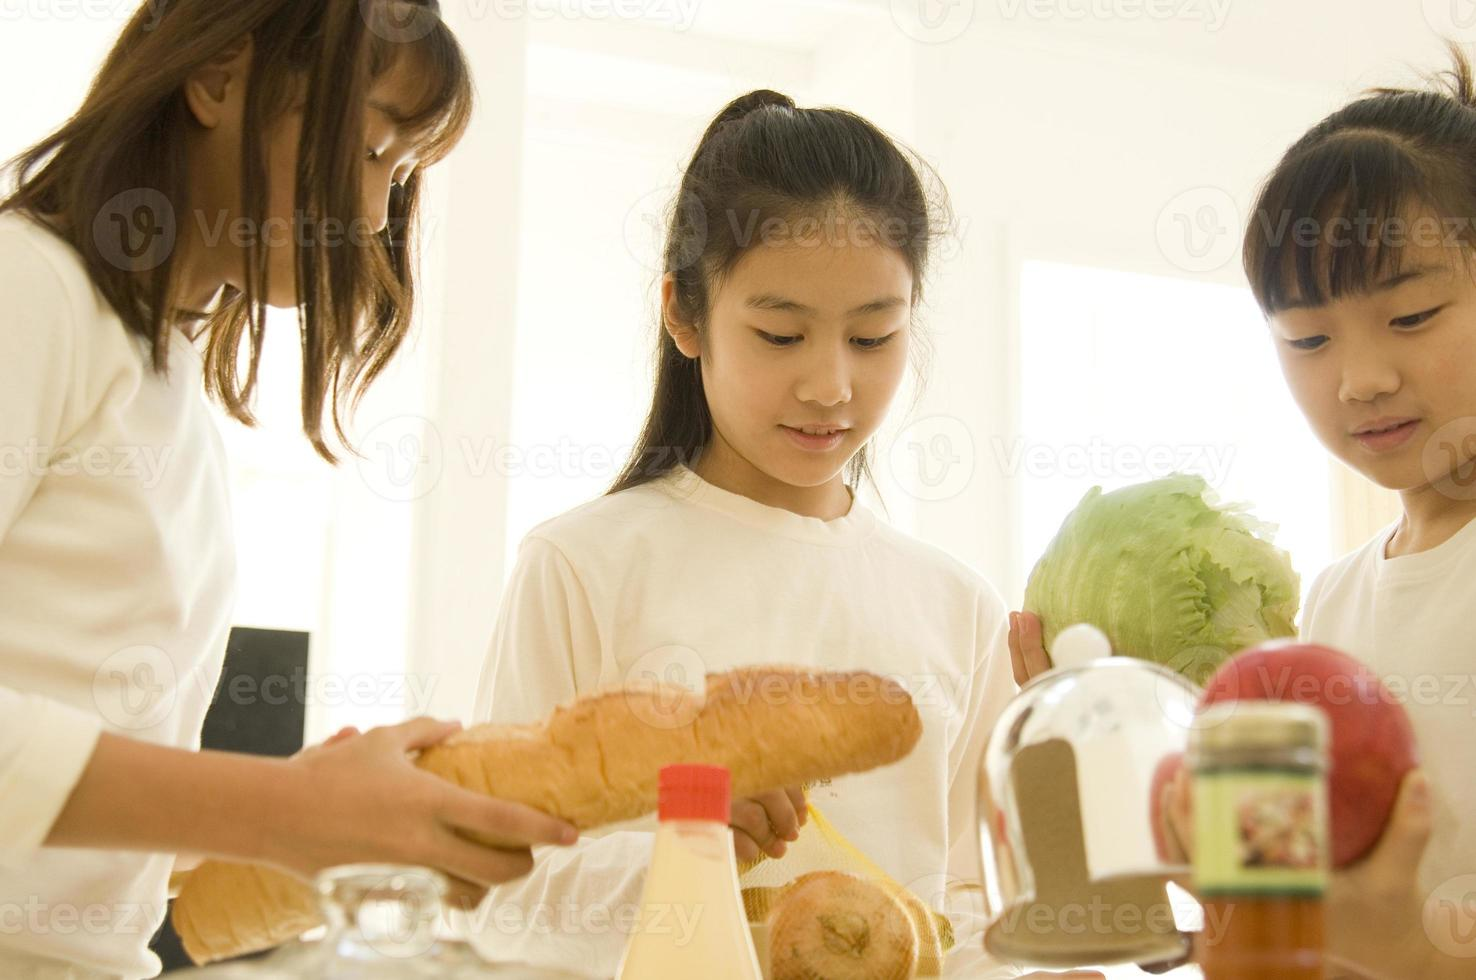 crianças japonesas se preparando para cozinhar foto